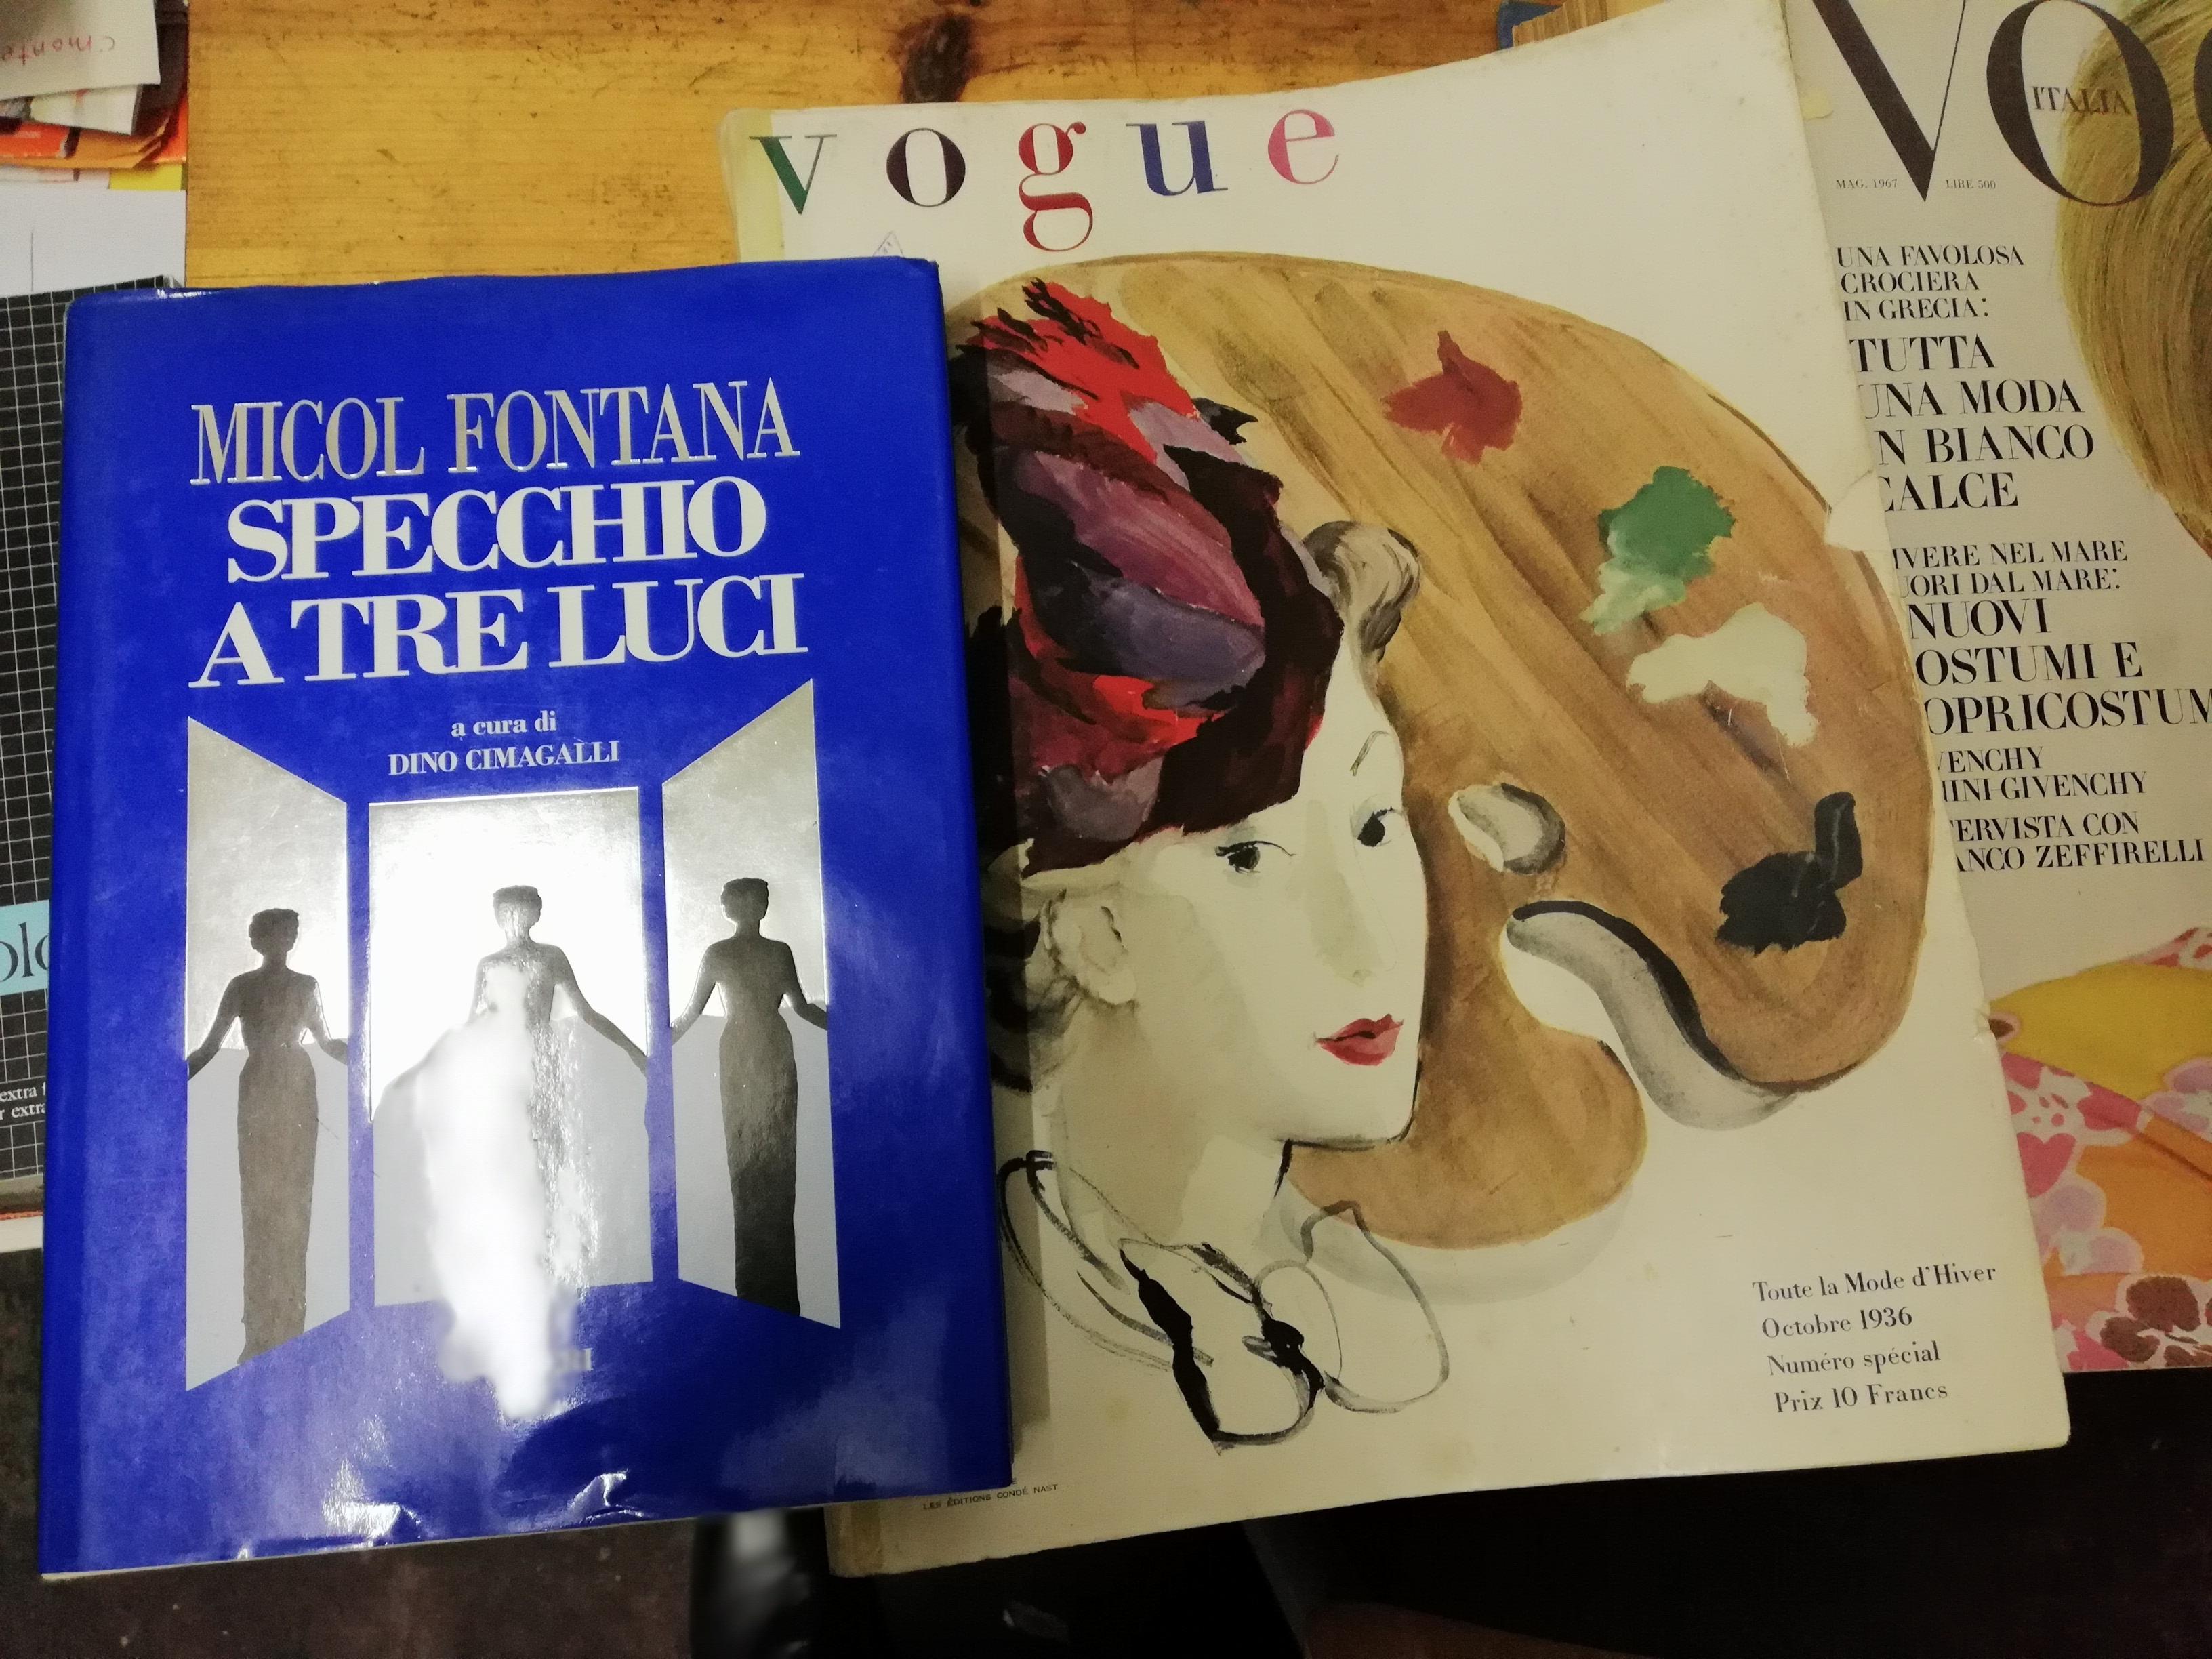 Pugacioff – La moda e il costume, 11 febbraio 2018